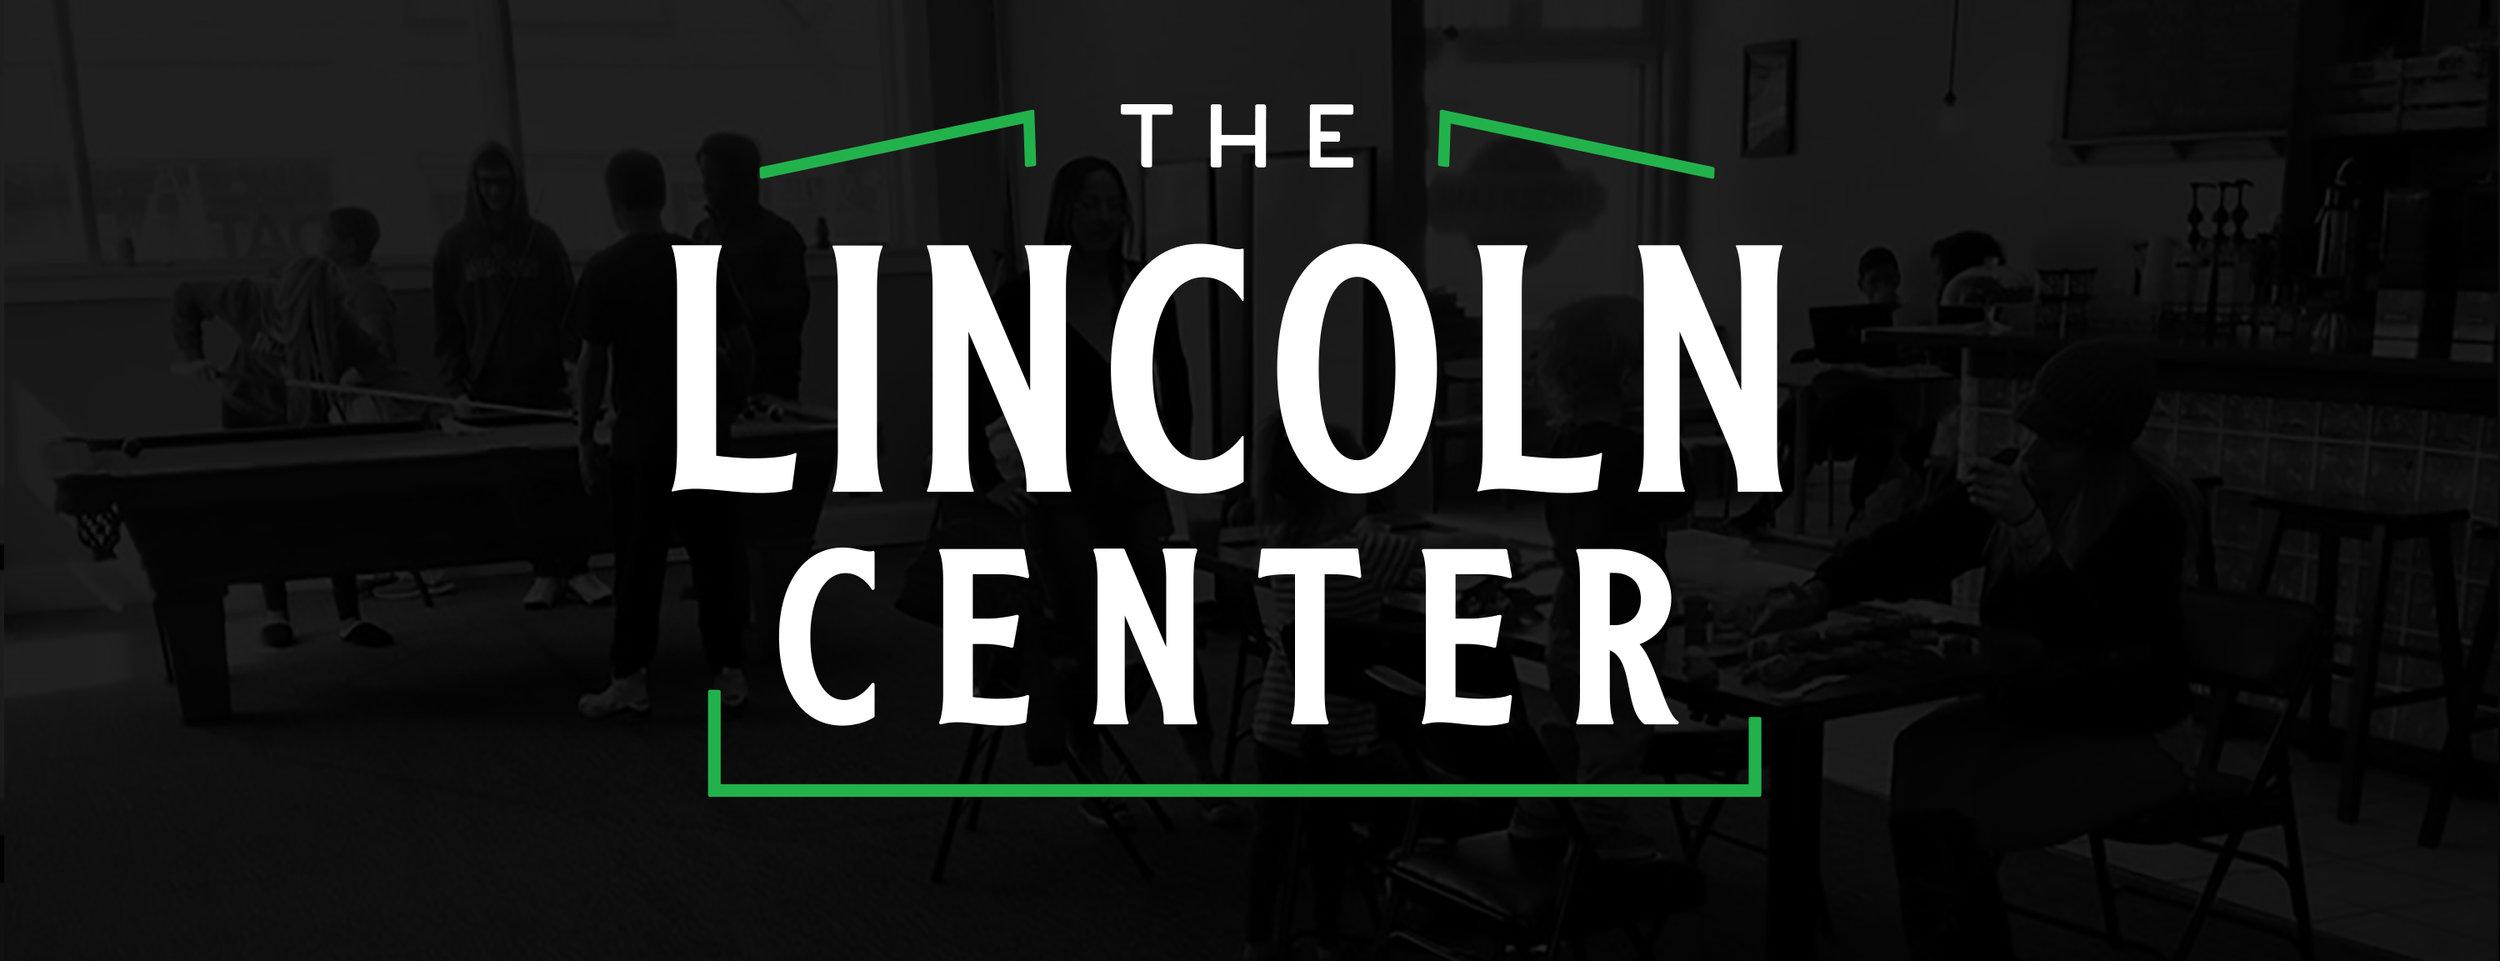 LincolnCenter_FBbanner.jpg